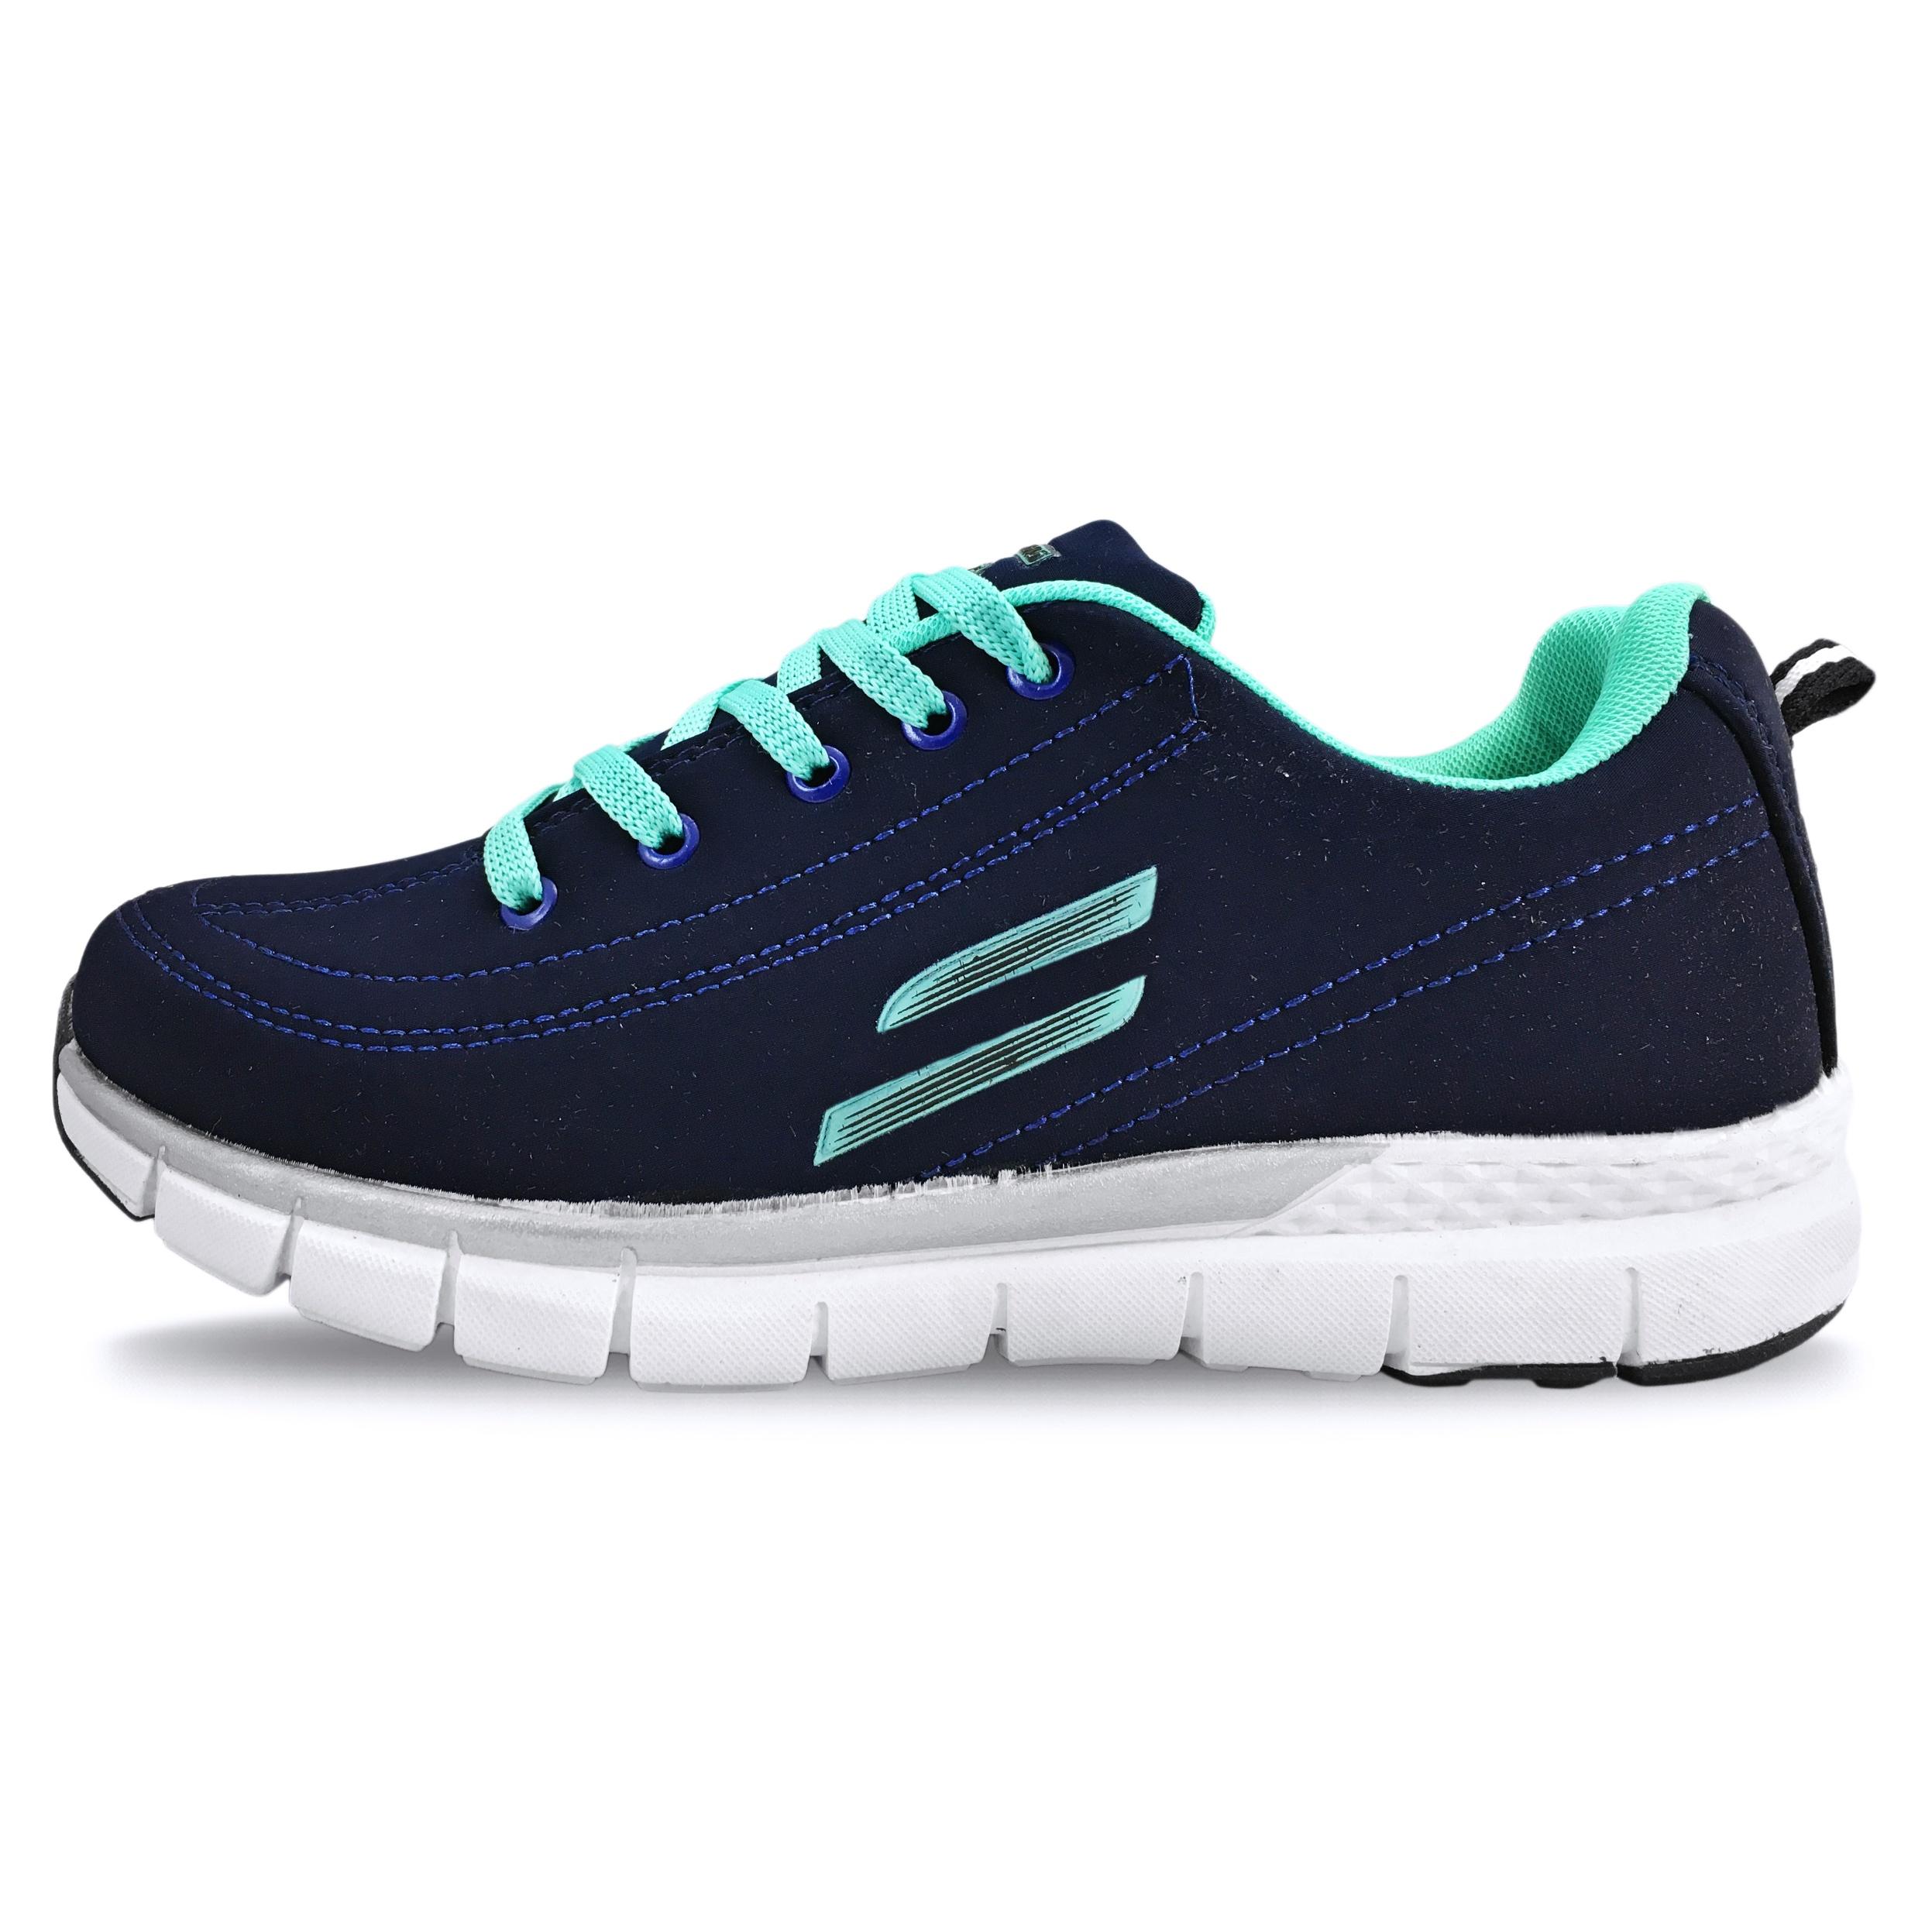 کفش مخصوص پیاده روی زنانه مدل میلاد کد 3629